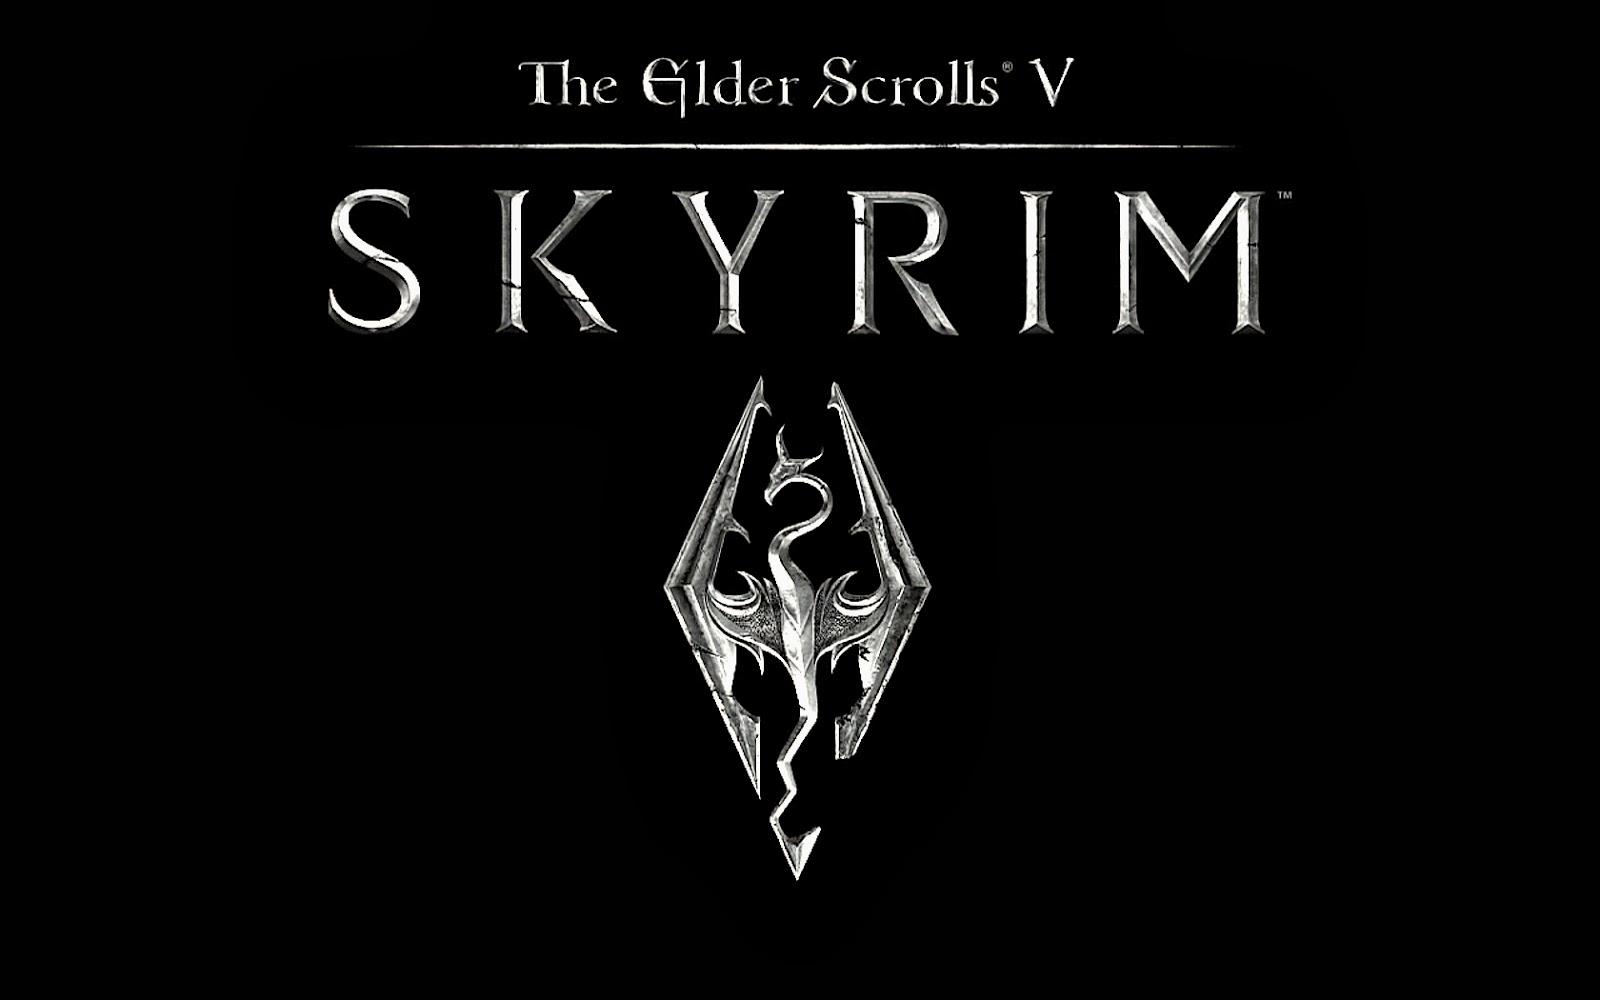 上古捲軸5:無界天際 (Skyrim) 超實用詳細代碼指令大全控制臺 (附圖)